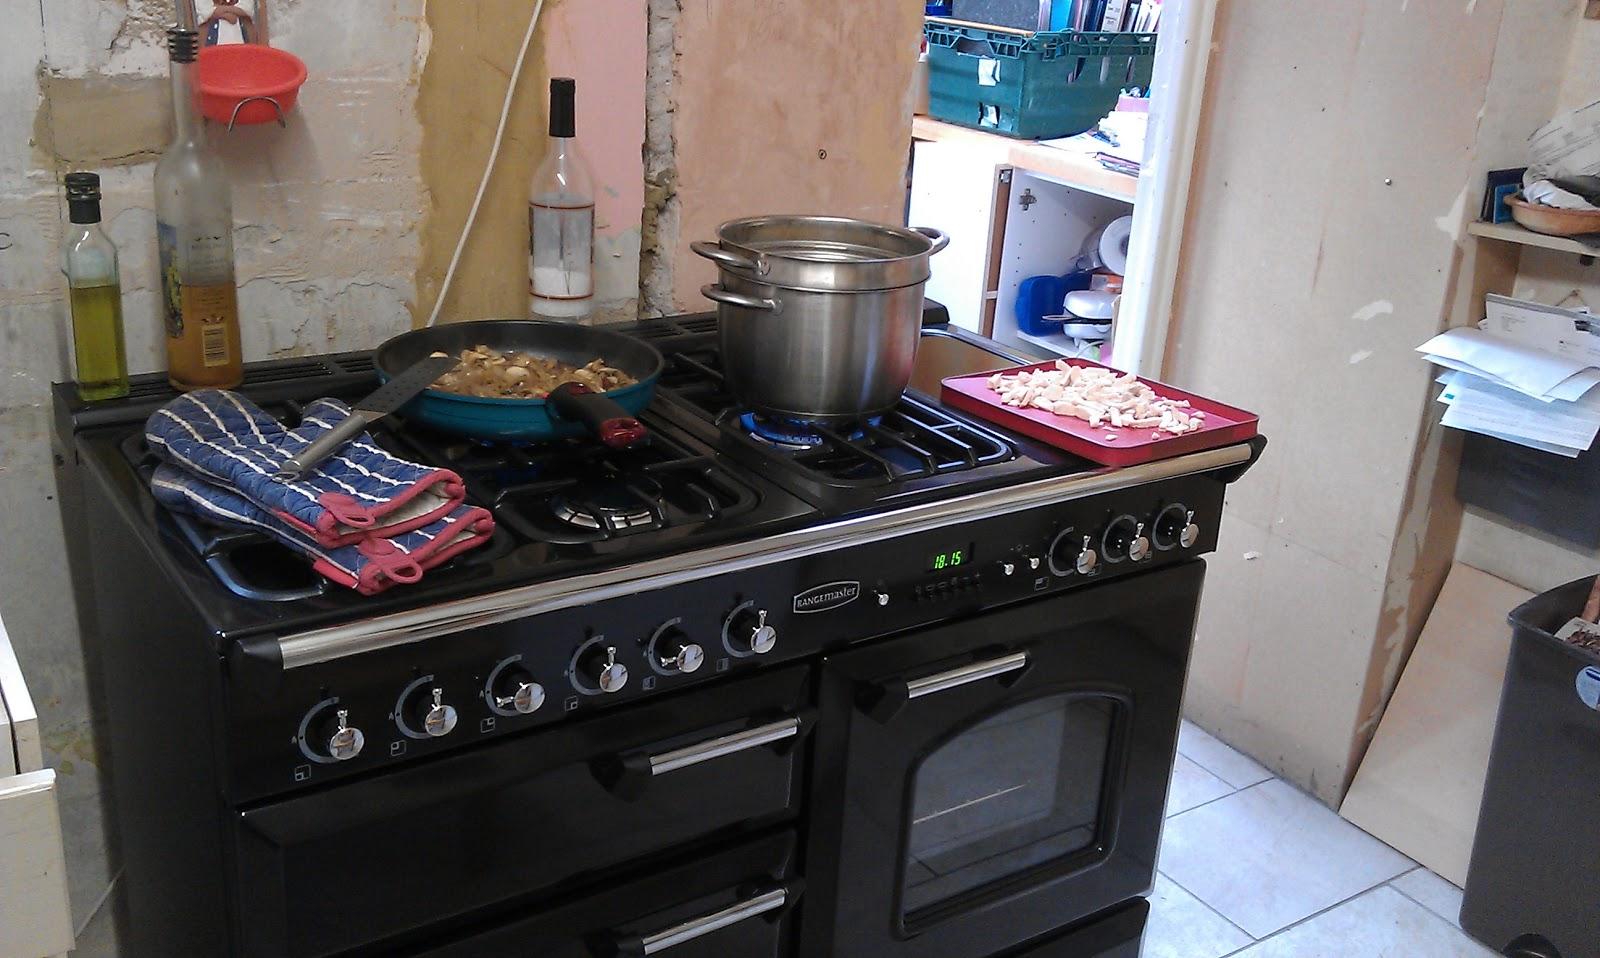 SLIKstitches Kitchen Kapers